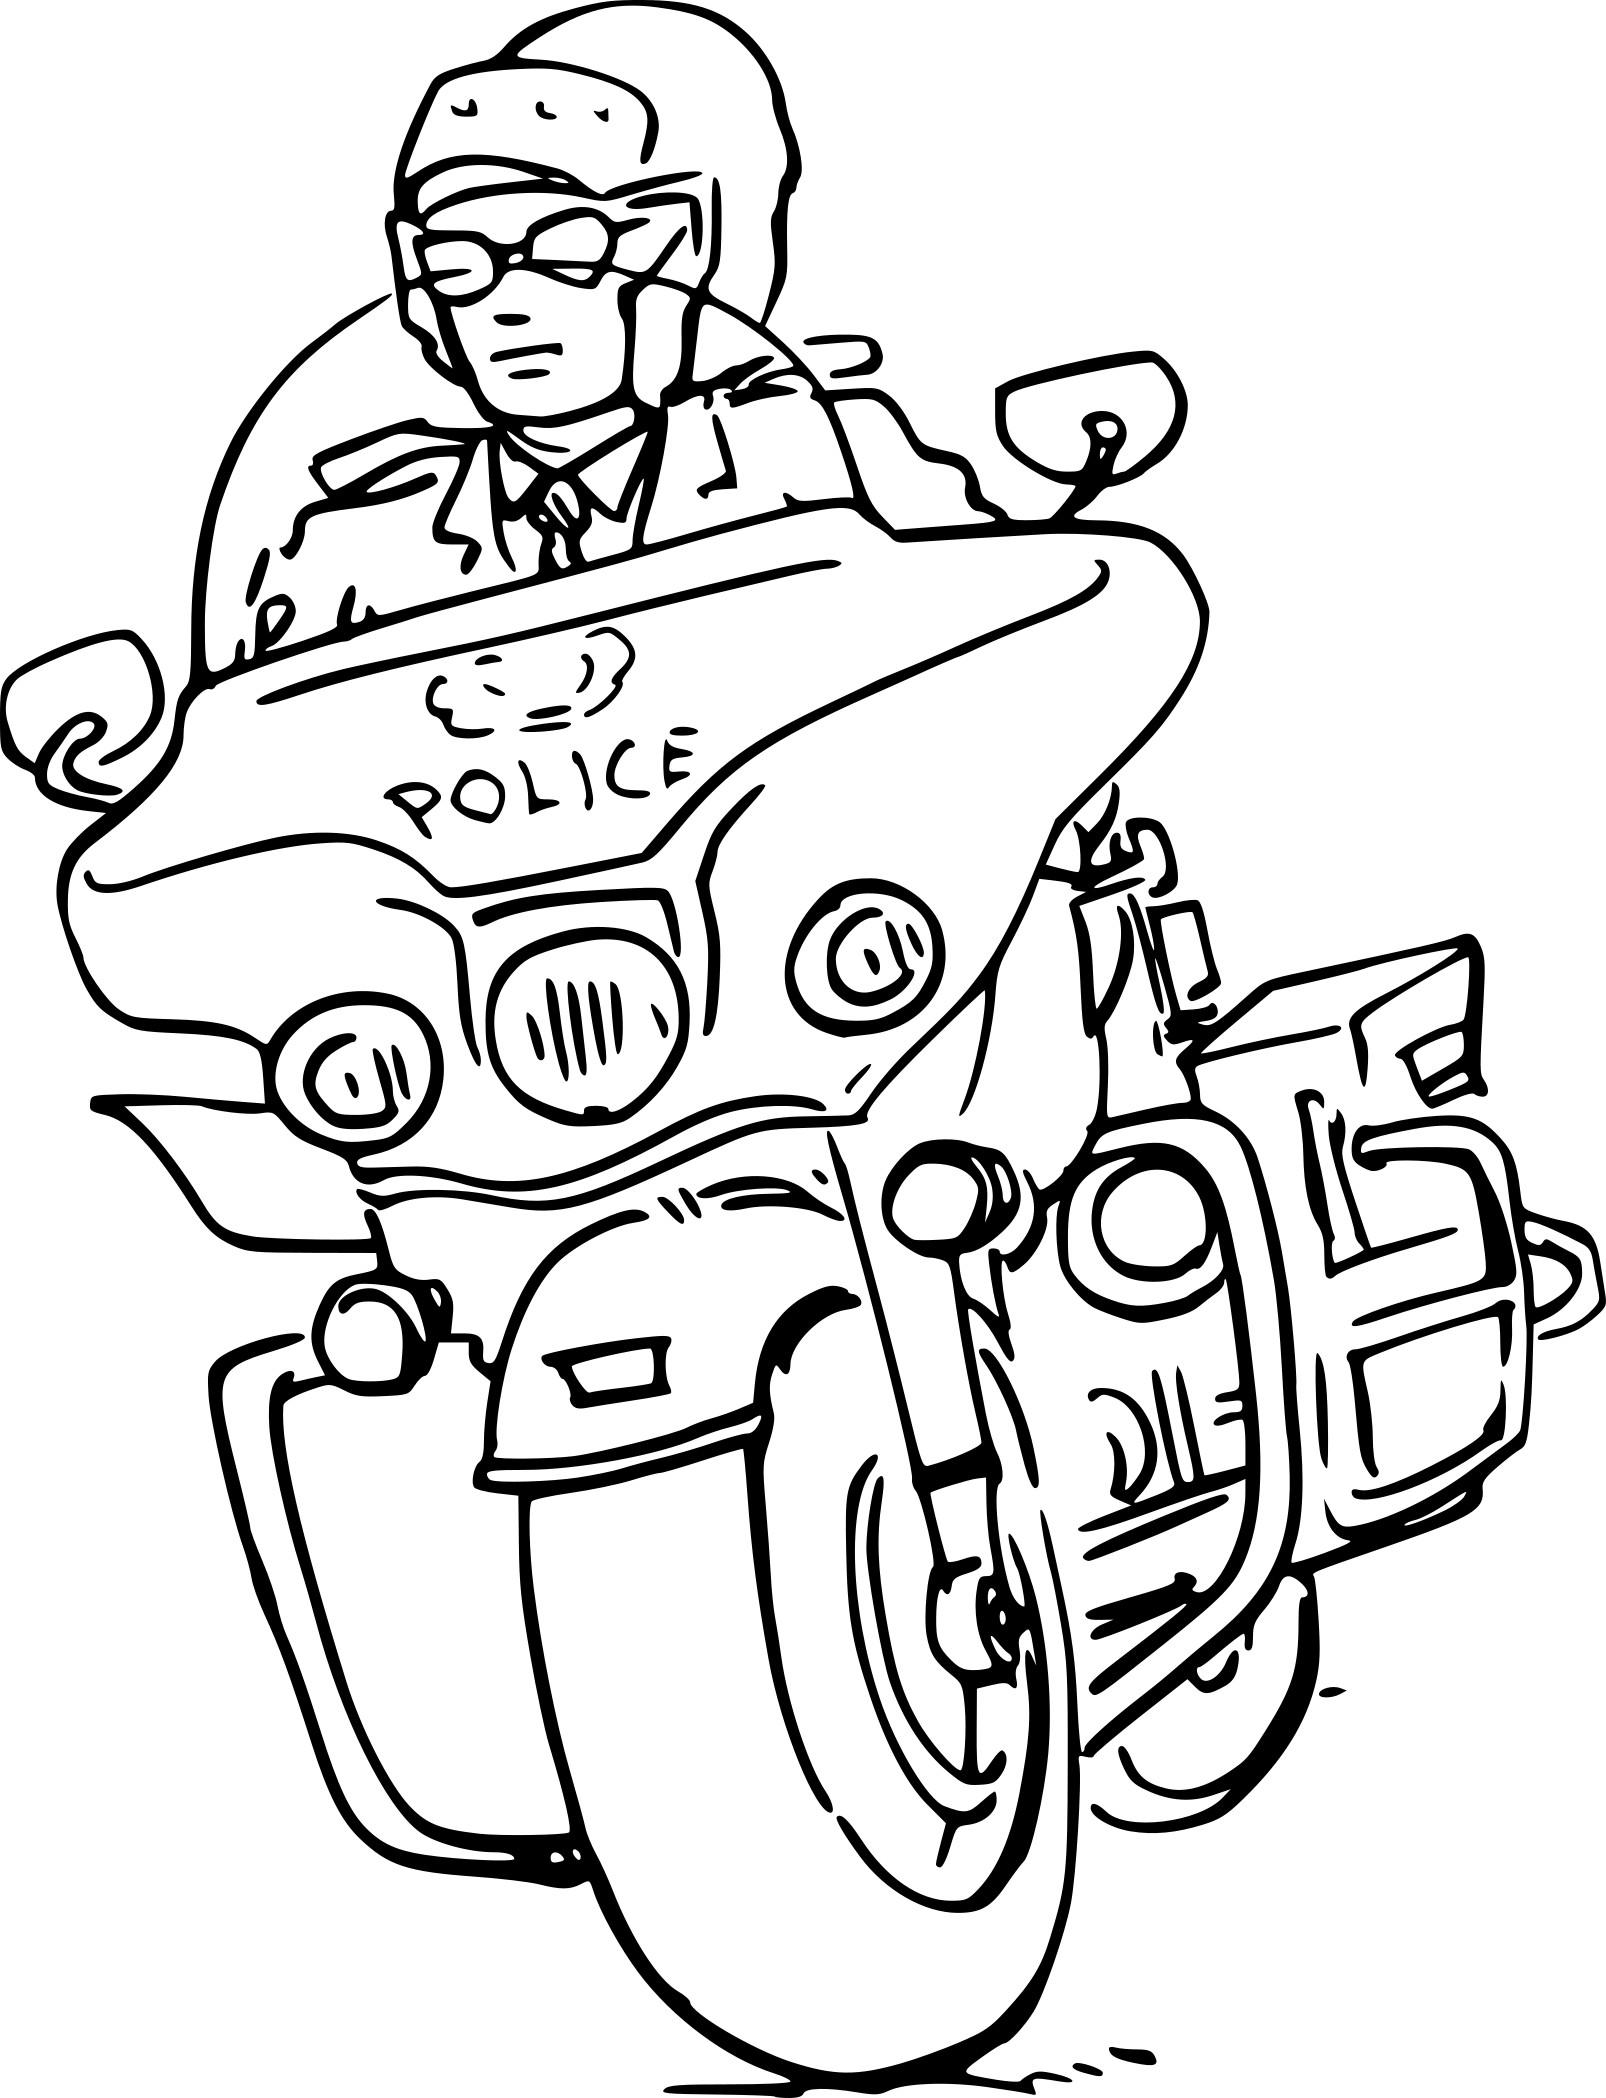 Coloriage Moto Police à imprimer sur COLORIAGES .info